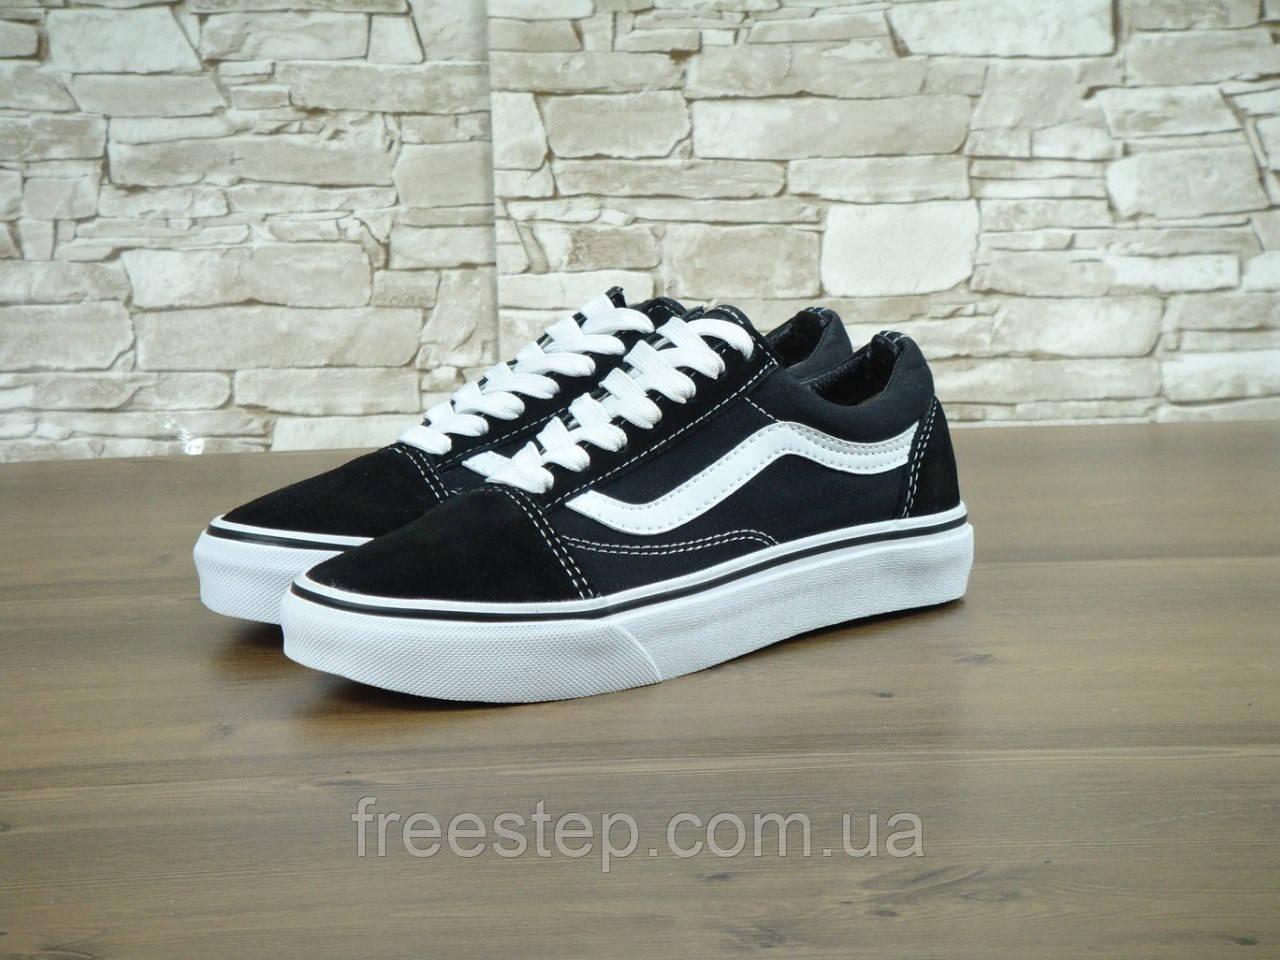 Кеды в стиле Vans Old Skool унисекс замша черные с белым  продажа ... 14c4c9b4396d5